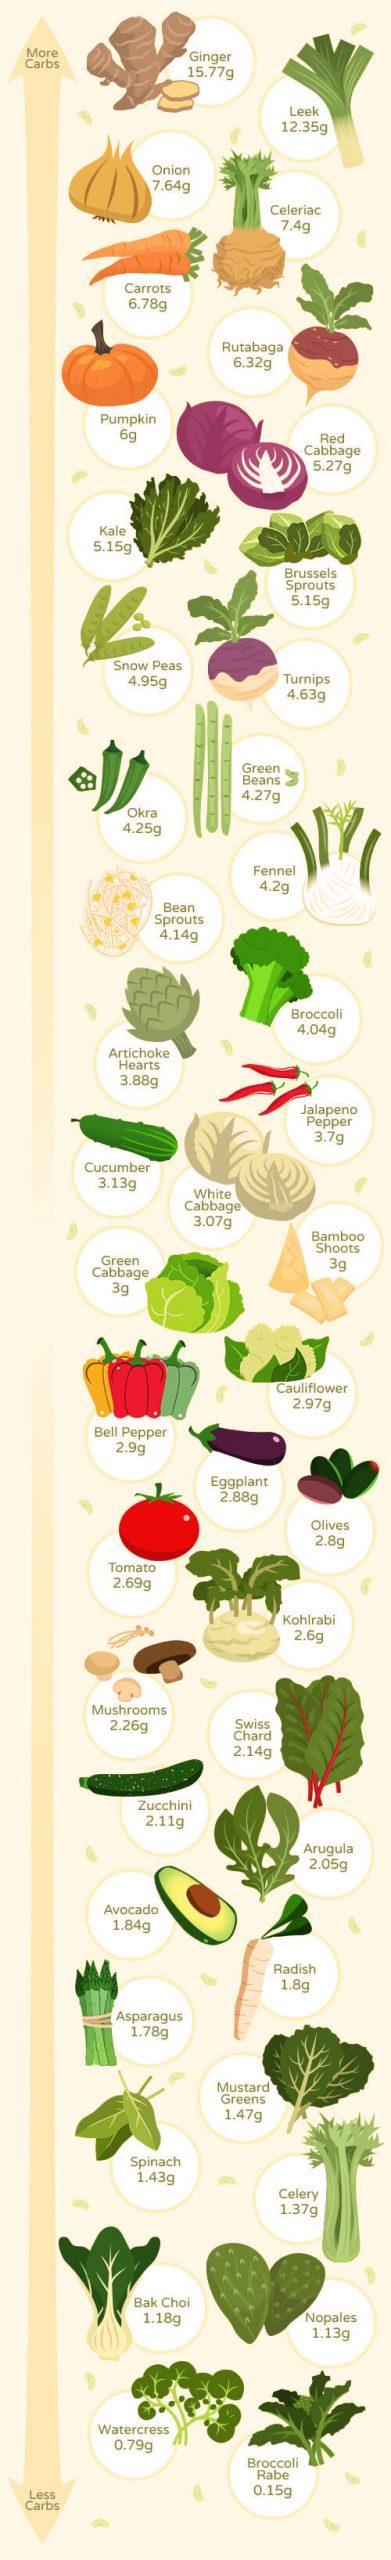 الخضروات الممنوعة في الكيتو دايت -الخضروات المسموحة في الكيتو